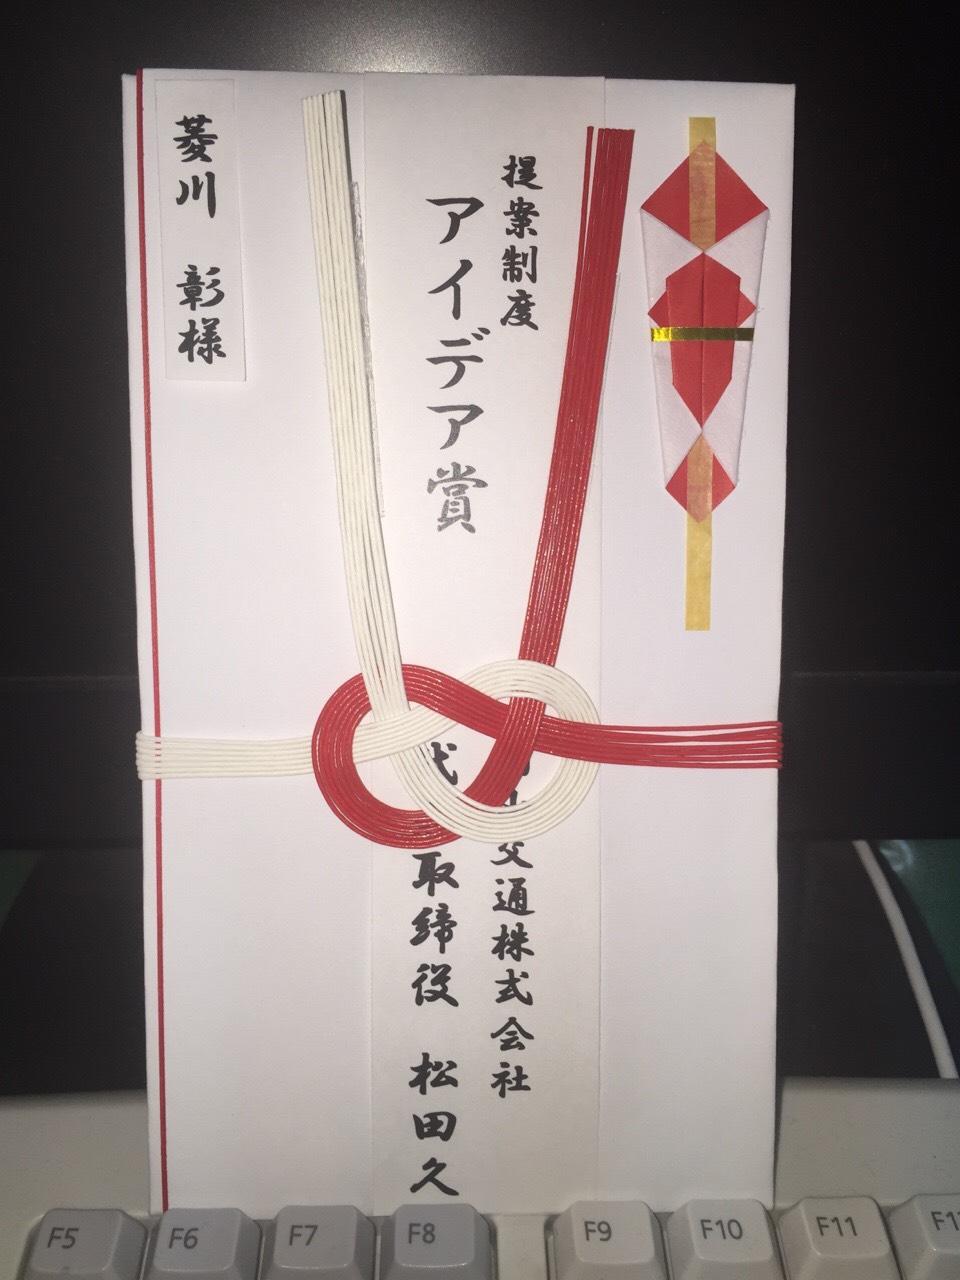 H提案制度アイディア賞